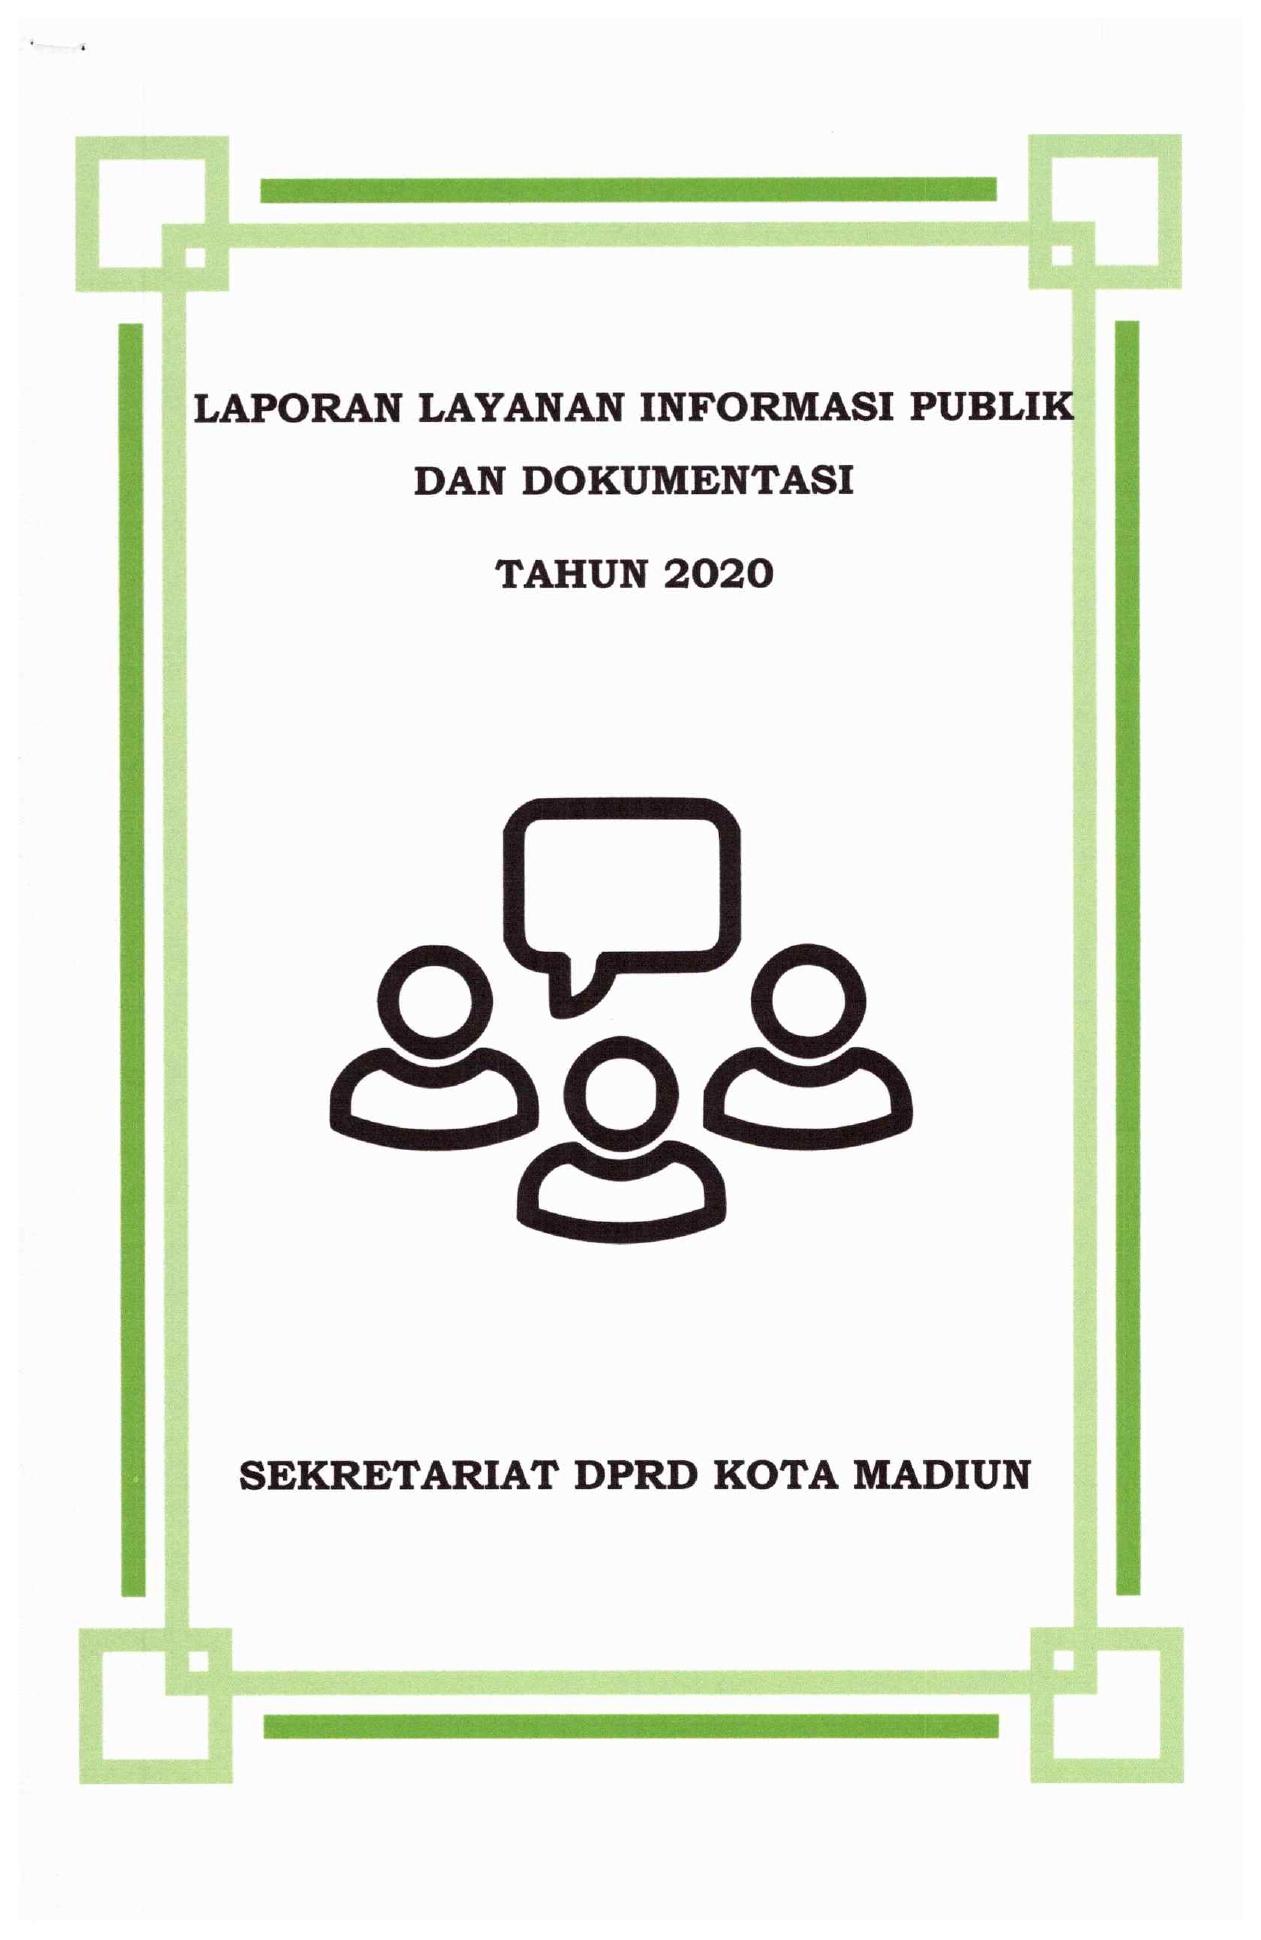 LAPORAN LAYANAN INFORMASI PUBLIK DAN DOKUMENTASI TAHUN 2020